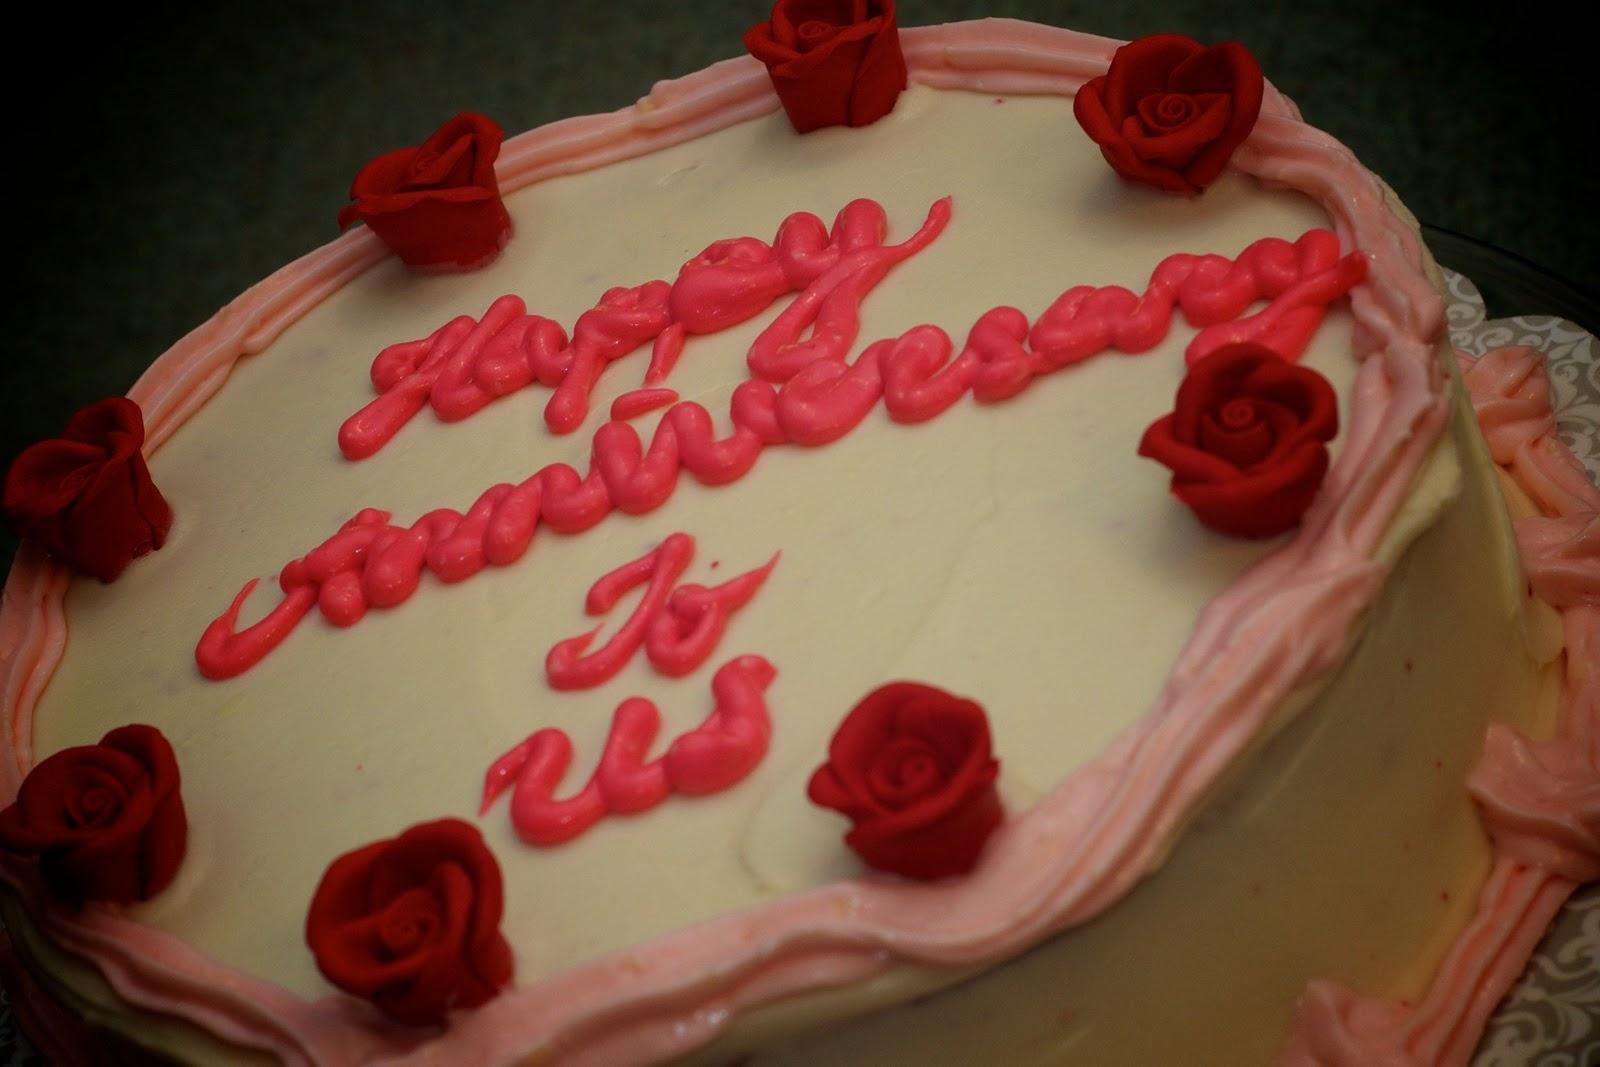 Red velvet cake for the th wedding anniversary